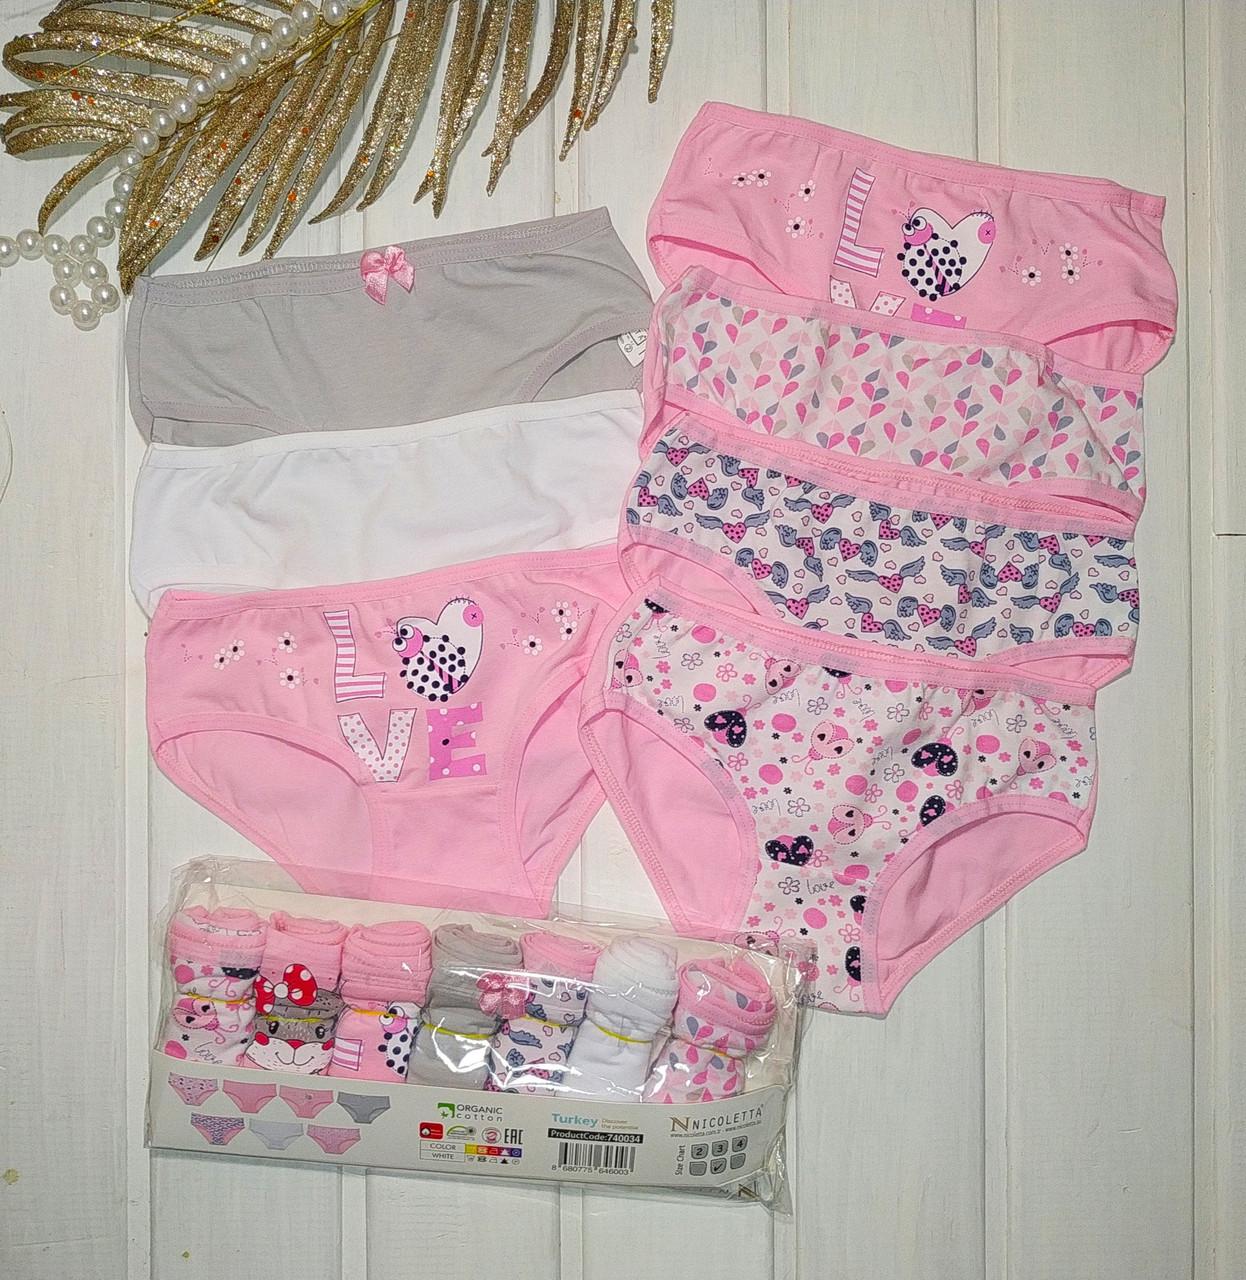 Трусики детские для девочки набор 7 шт в упаковке Размеры 92-98 104-110 116-122